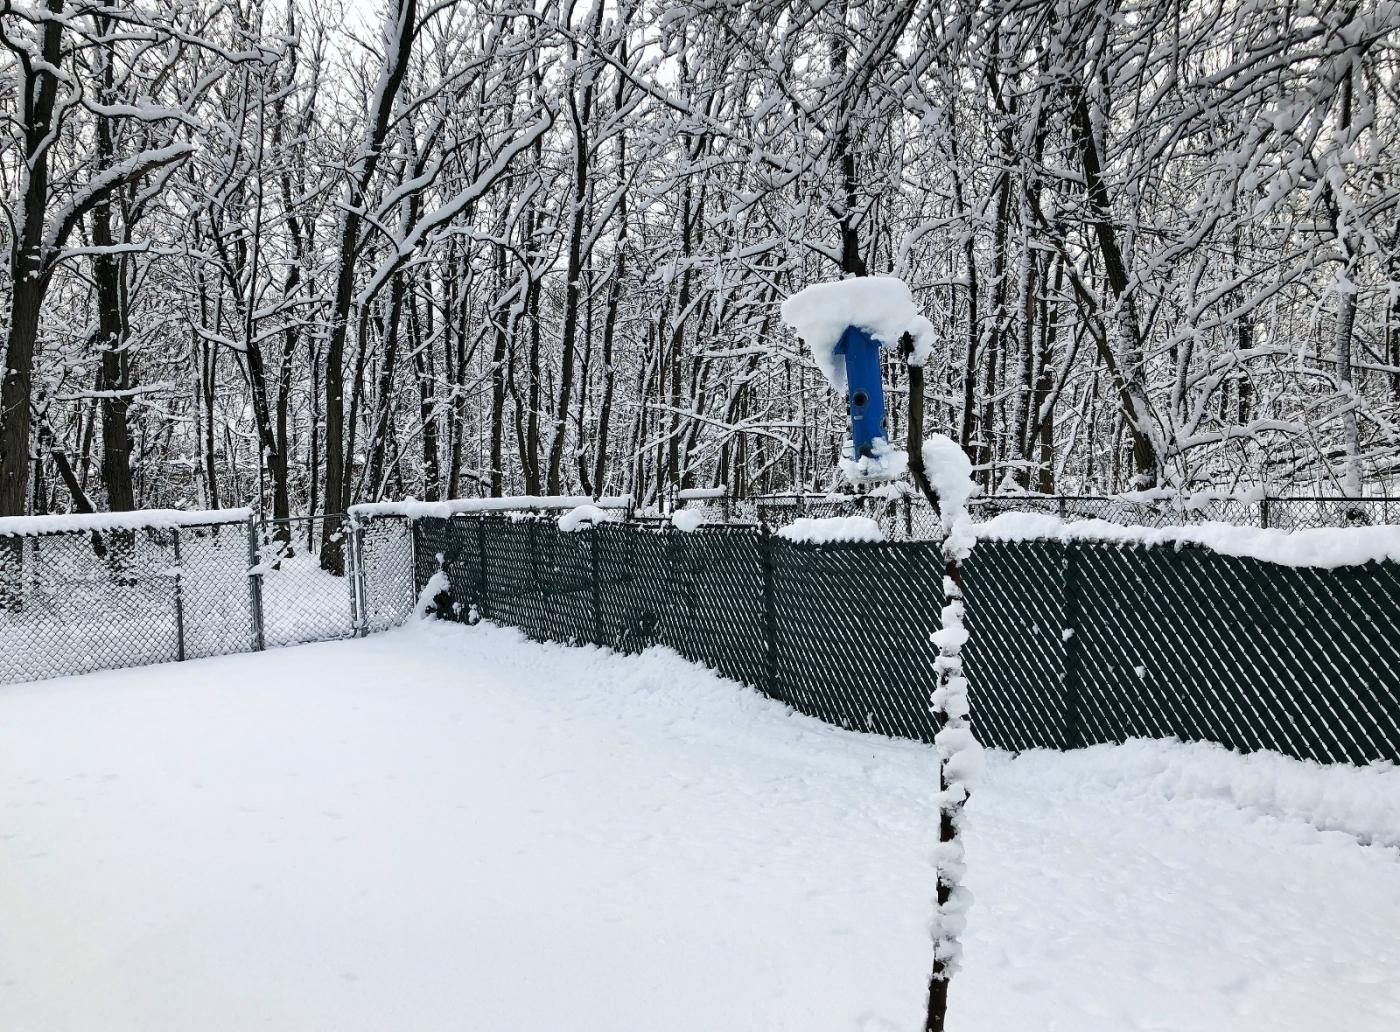 【田螺手机摄影】纽约雪景、还是中央公园最漂亮[二]_图1-29